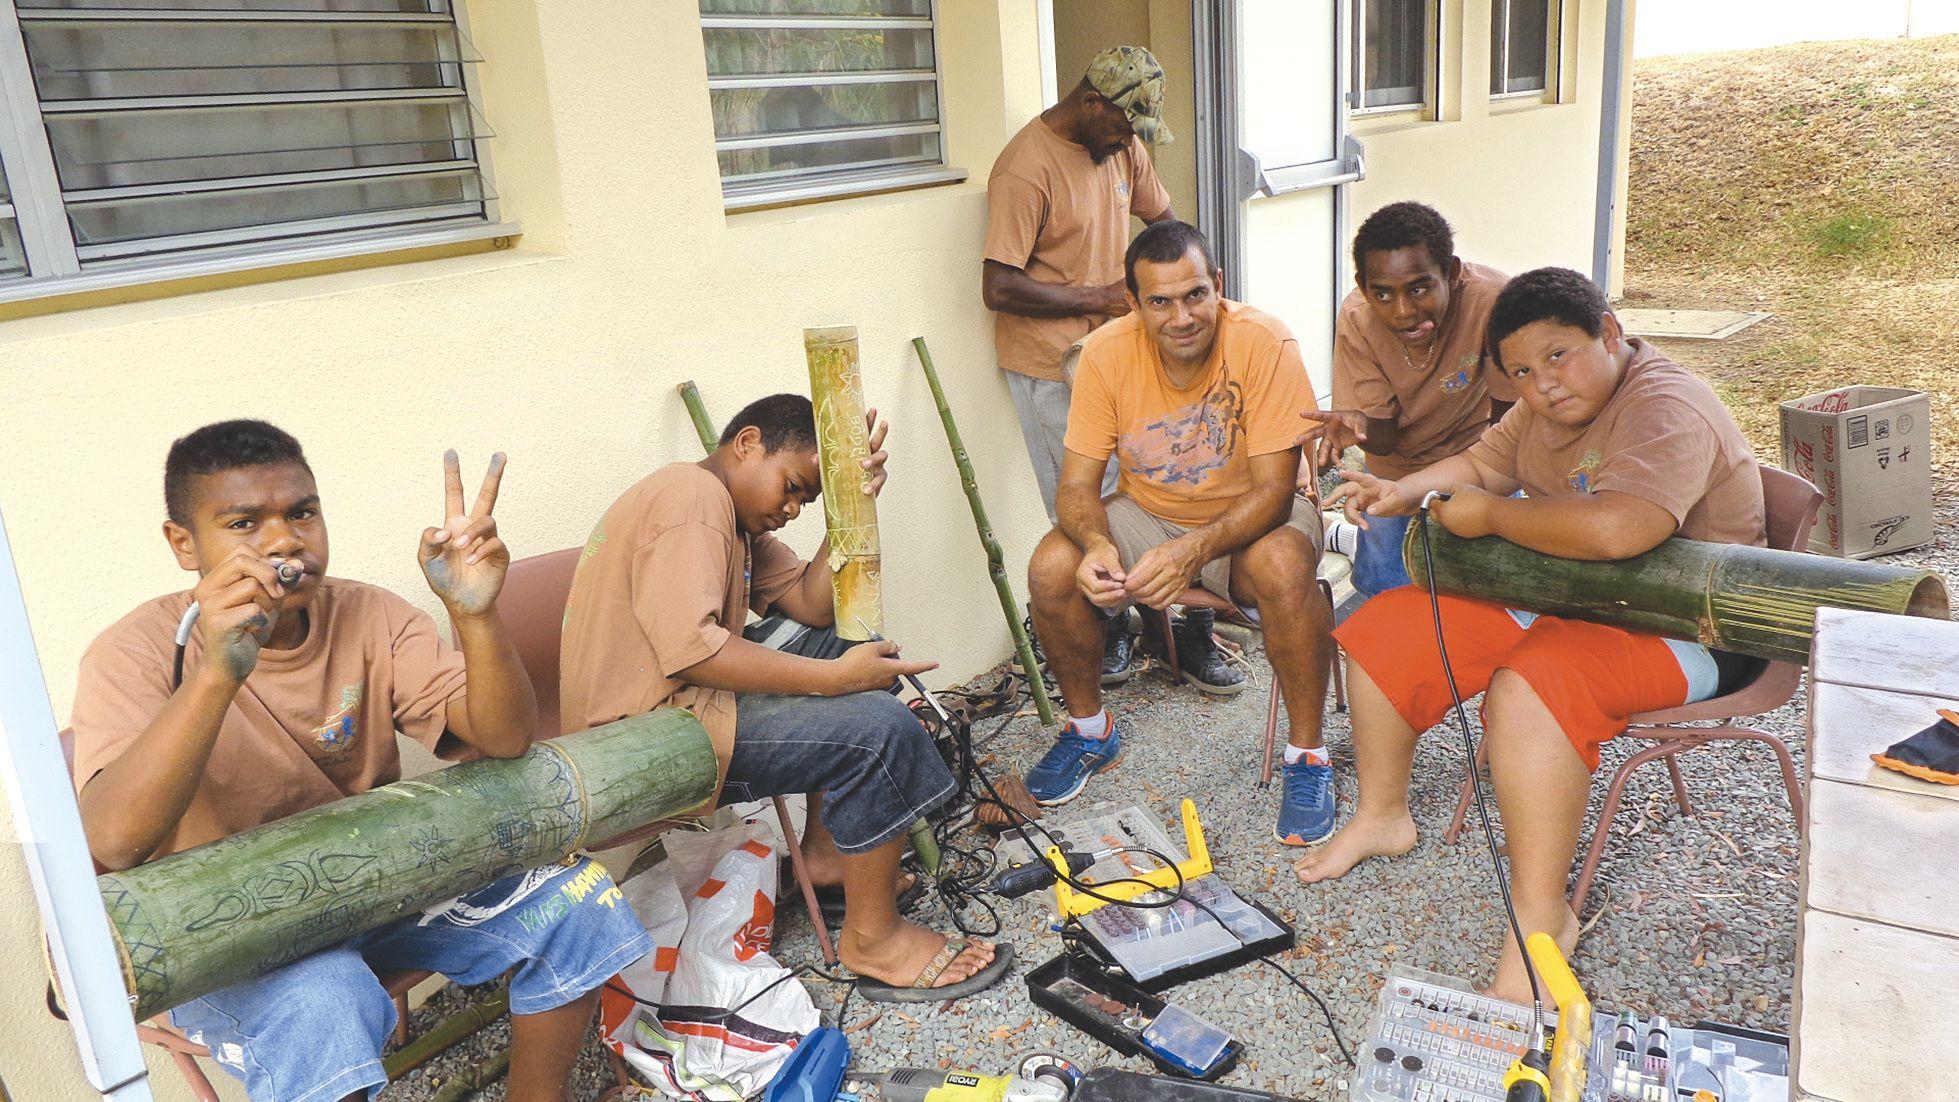 Les internes ont été initiés à la gravure sur bambou à l'aide de matériel électrique. Ils ont pu offrir leur réalisation aux parents.